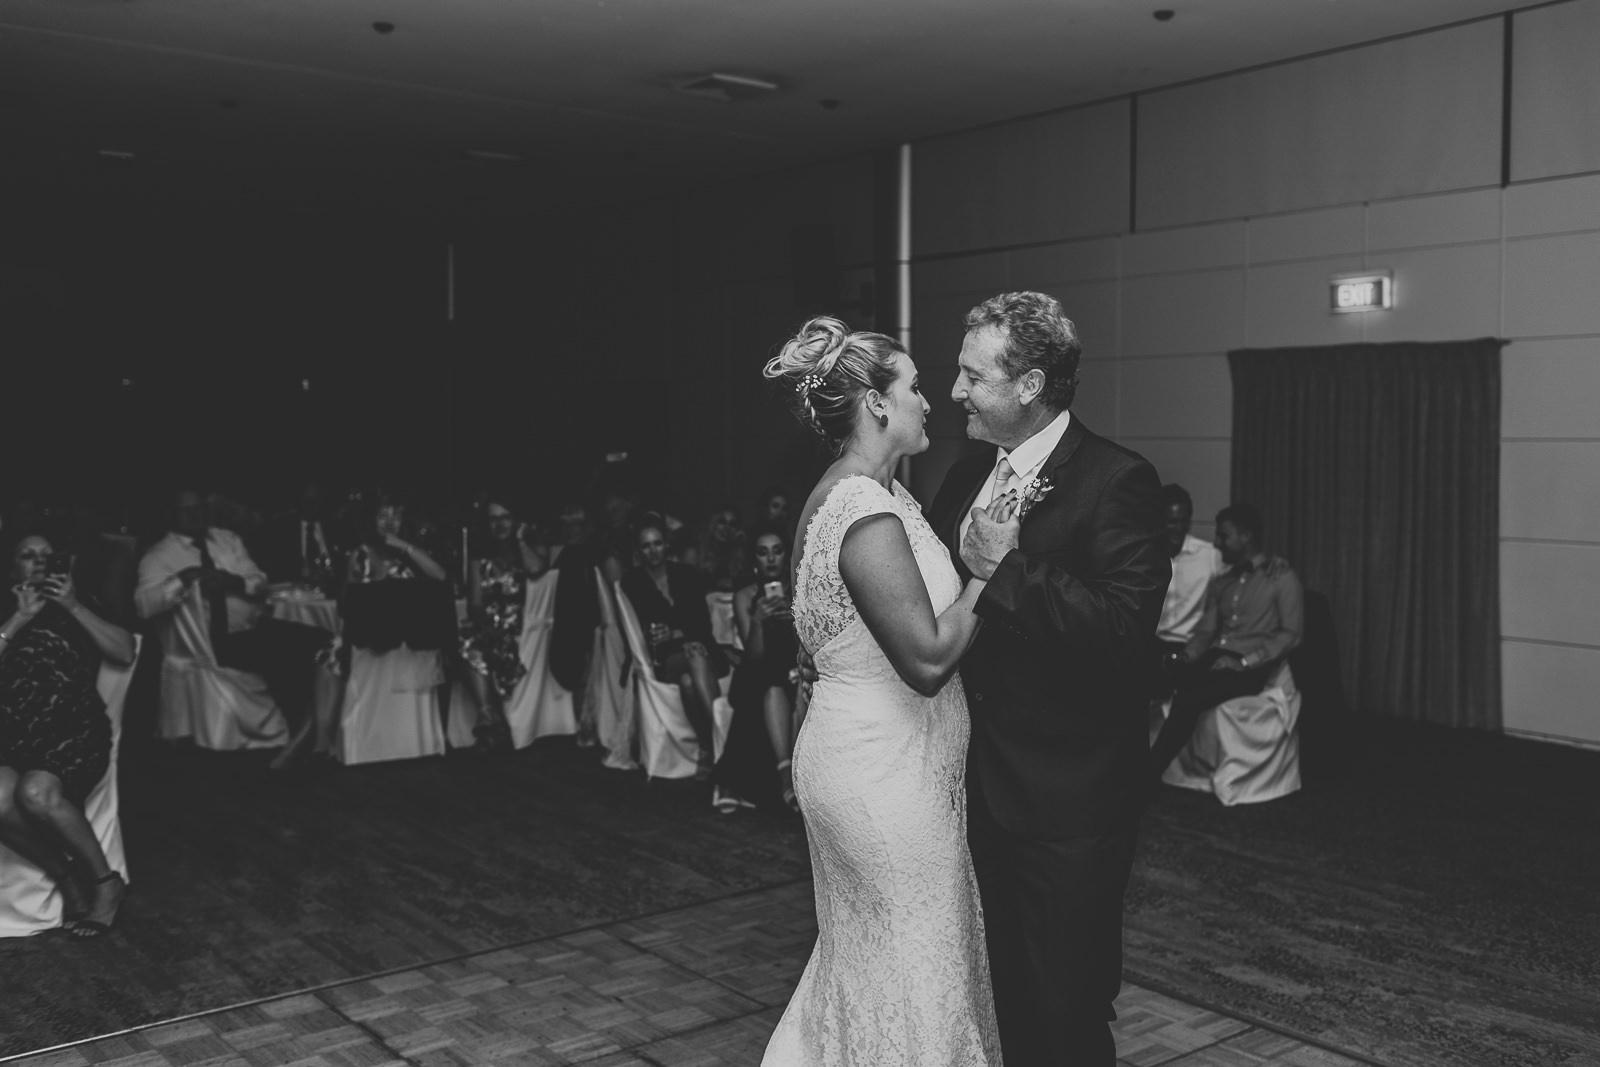 20170506 - Brad & Ally | 450-2.jpg